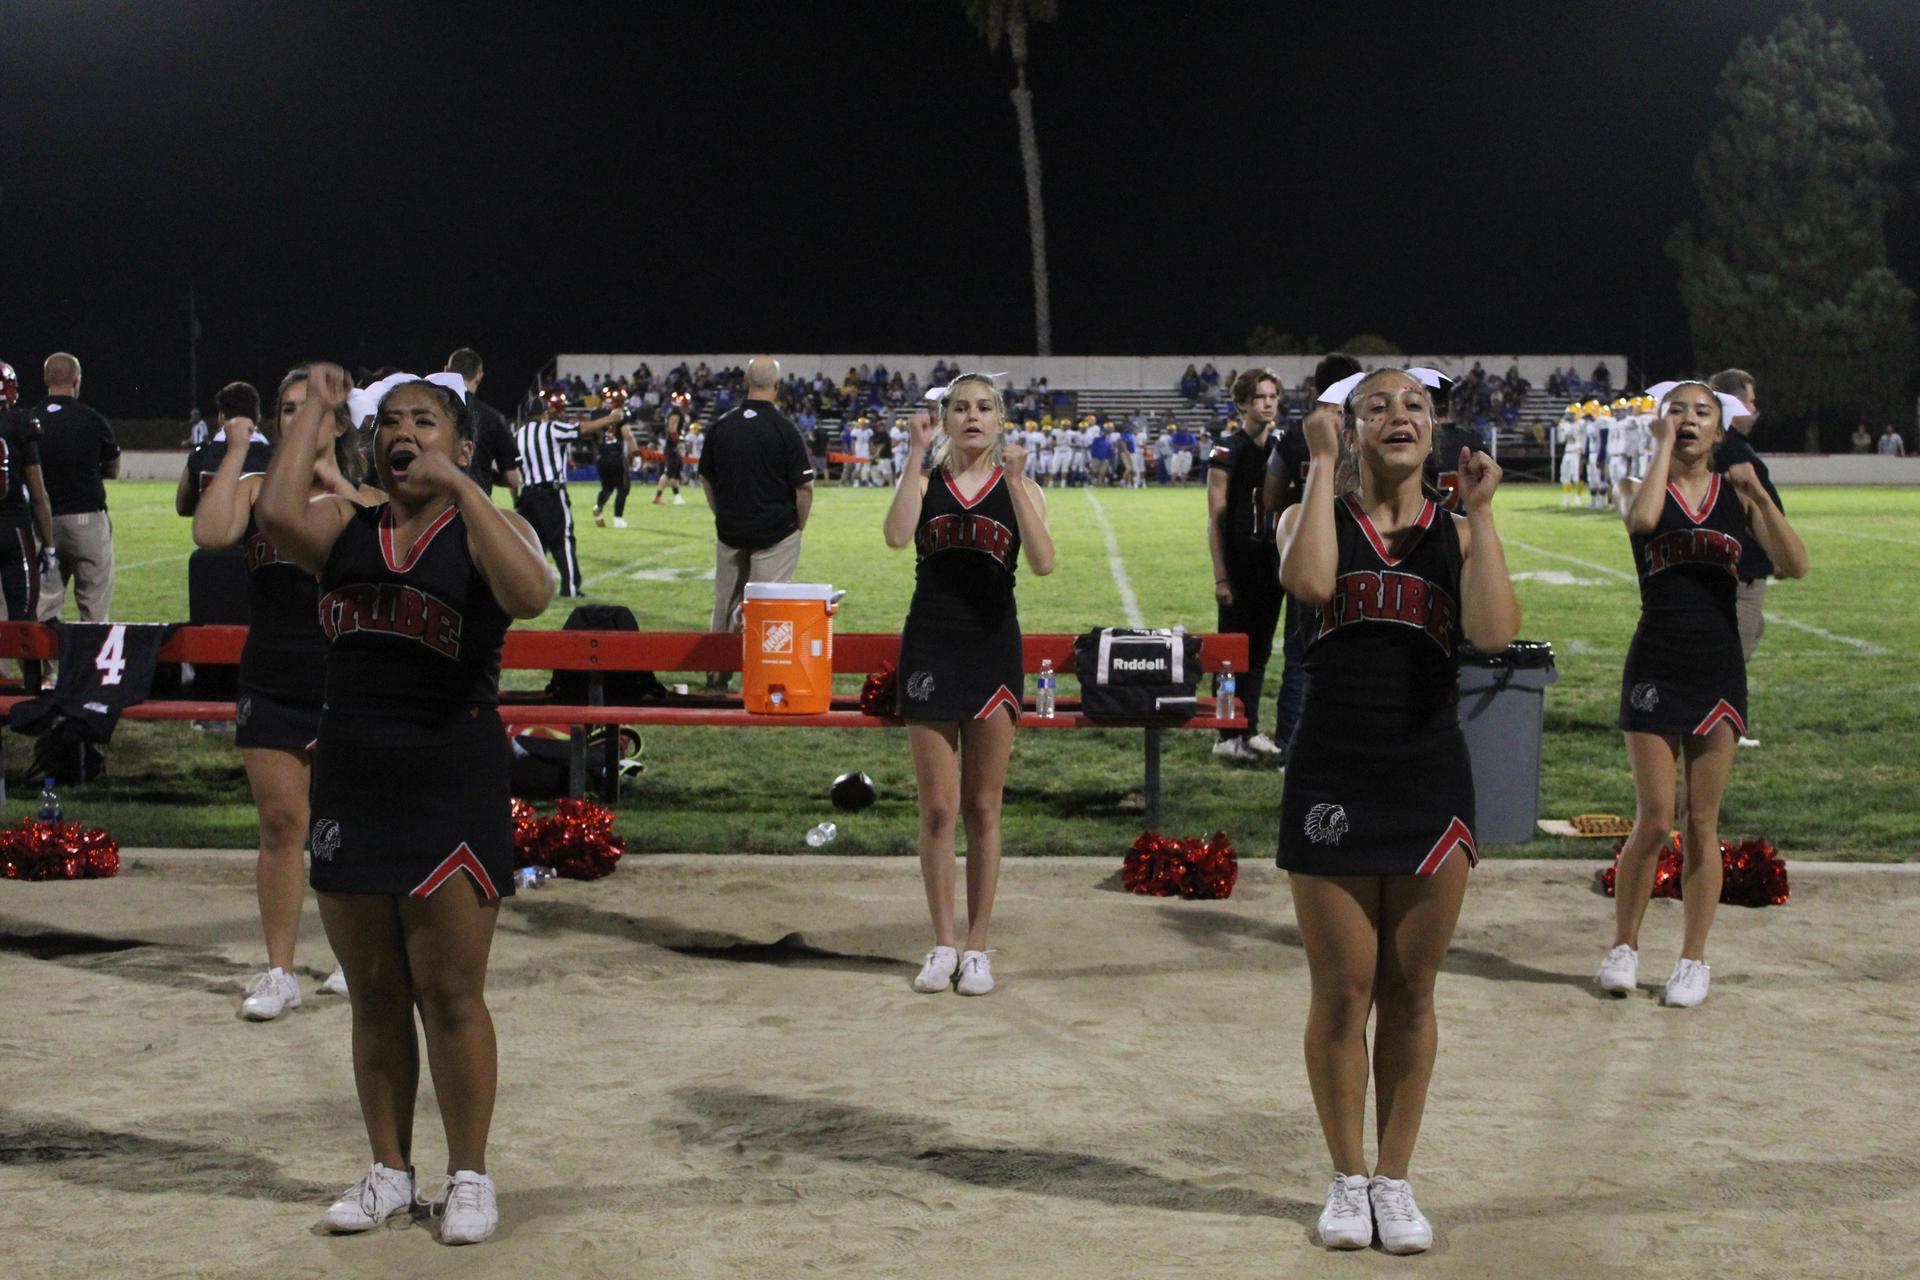 Fans, Cheerleaders, Motorcycles at Dos Palos football game